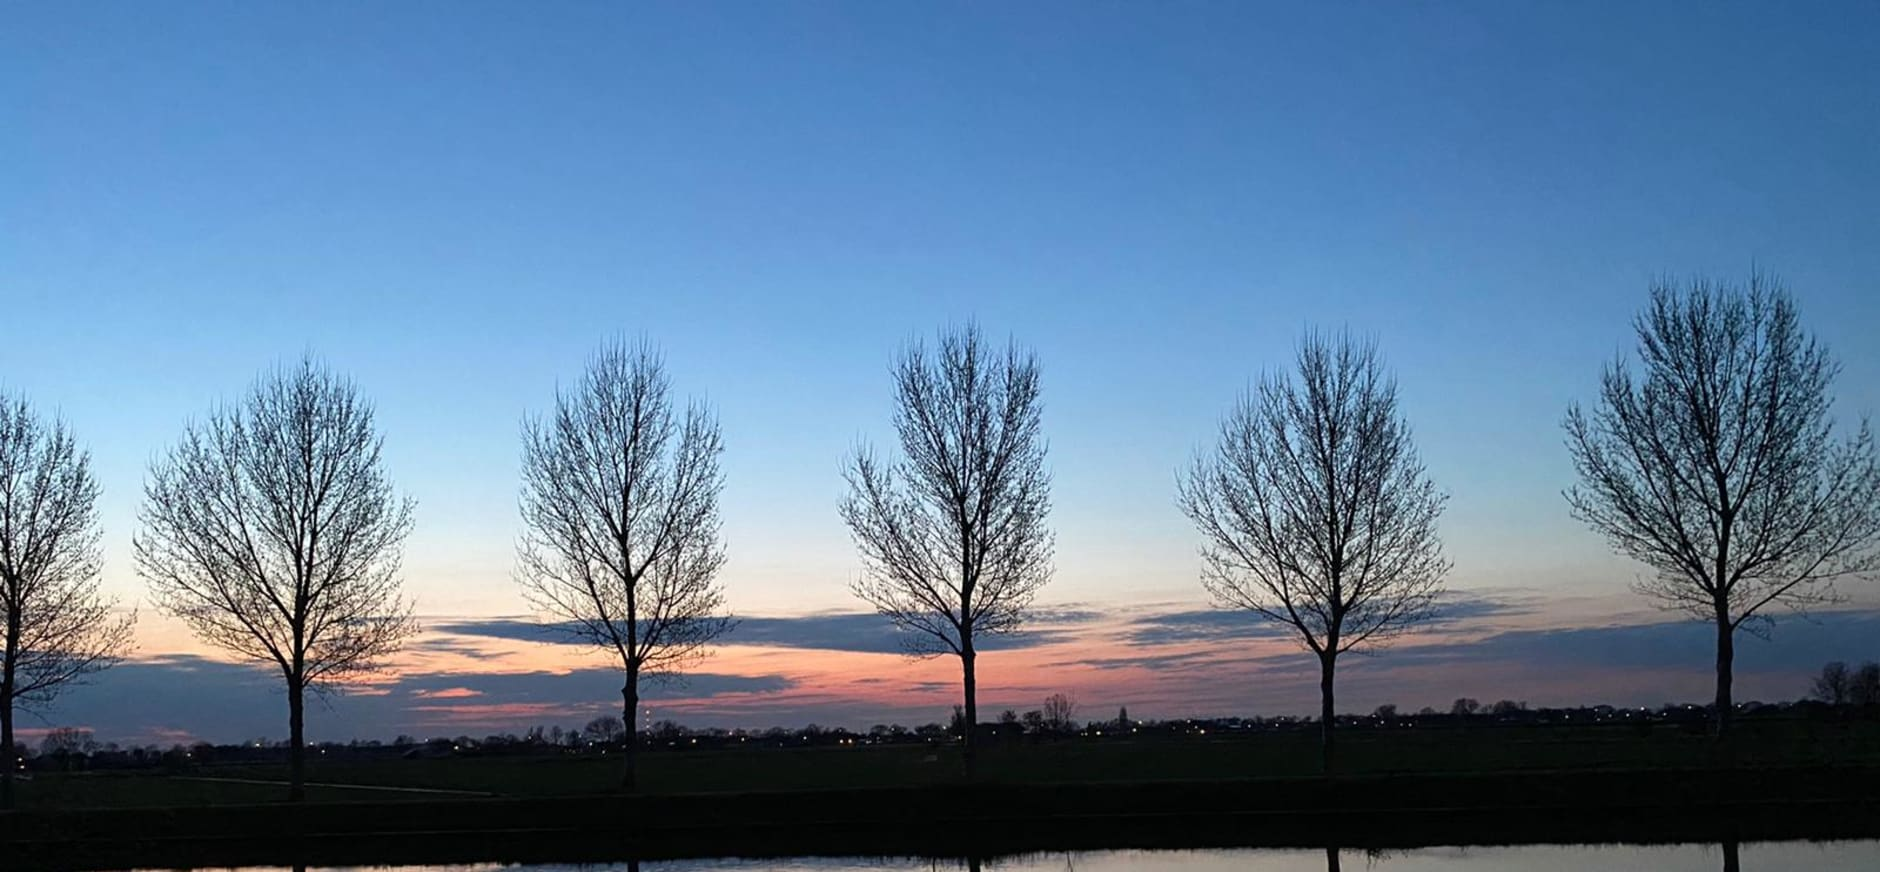 weerspiegeling van bomen in het water tijdens zonsondergang